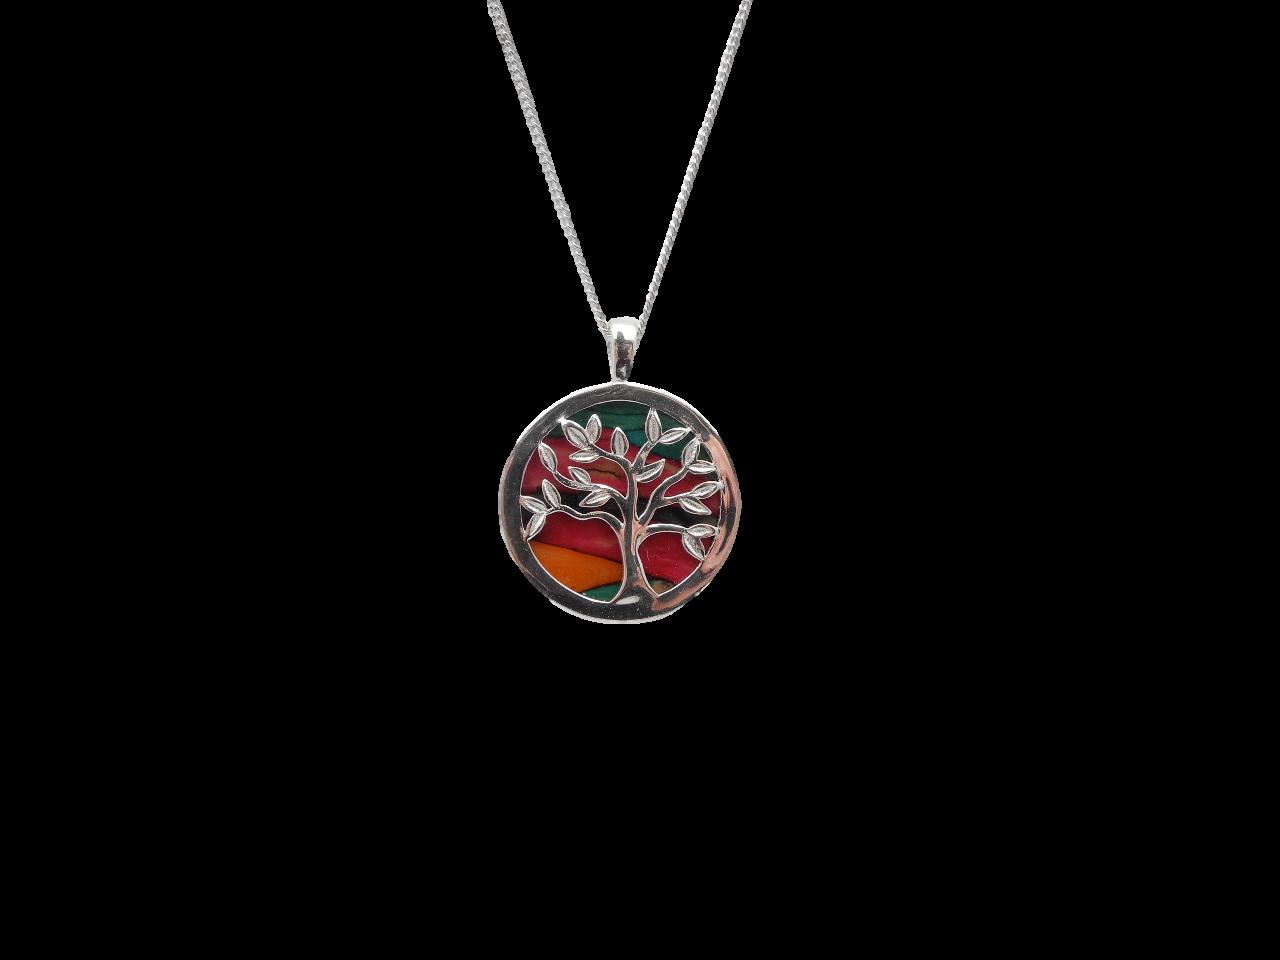 scottish pendant necklace heathergem tree of life